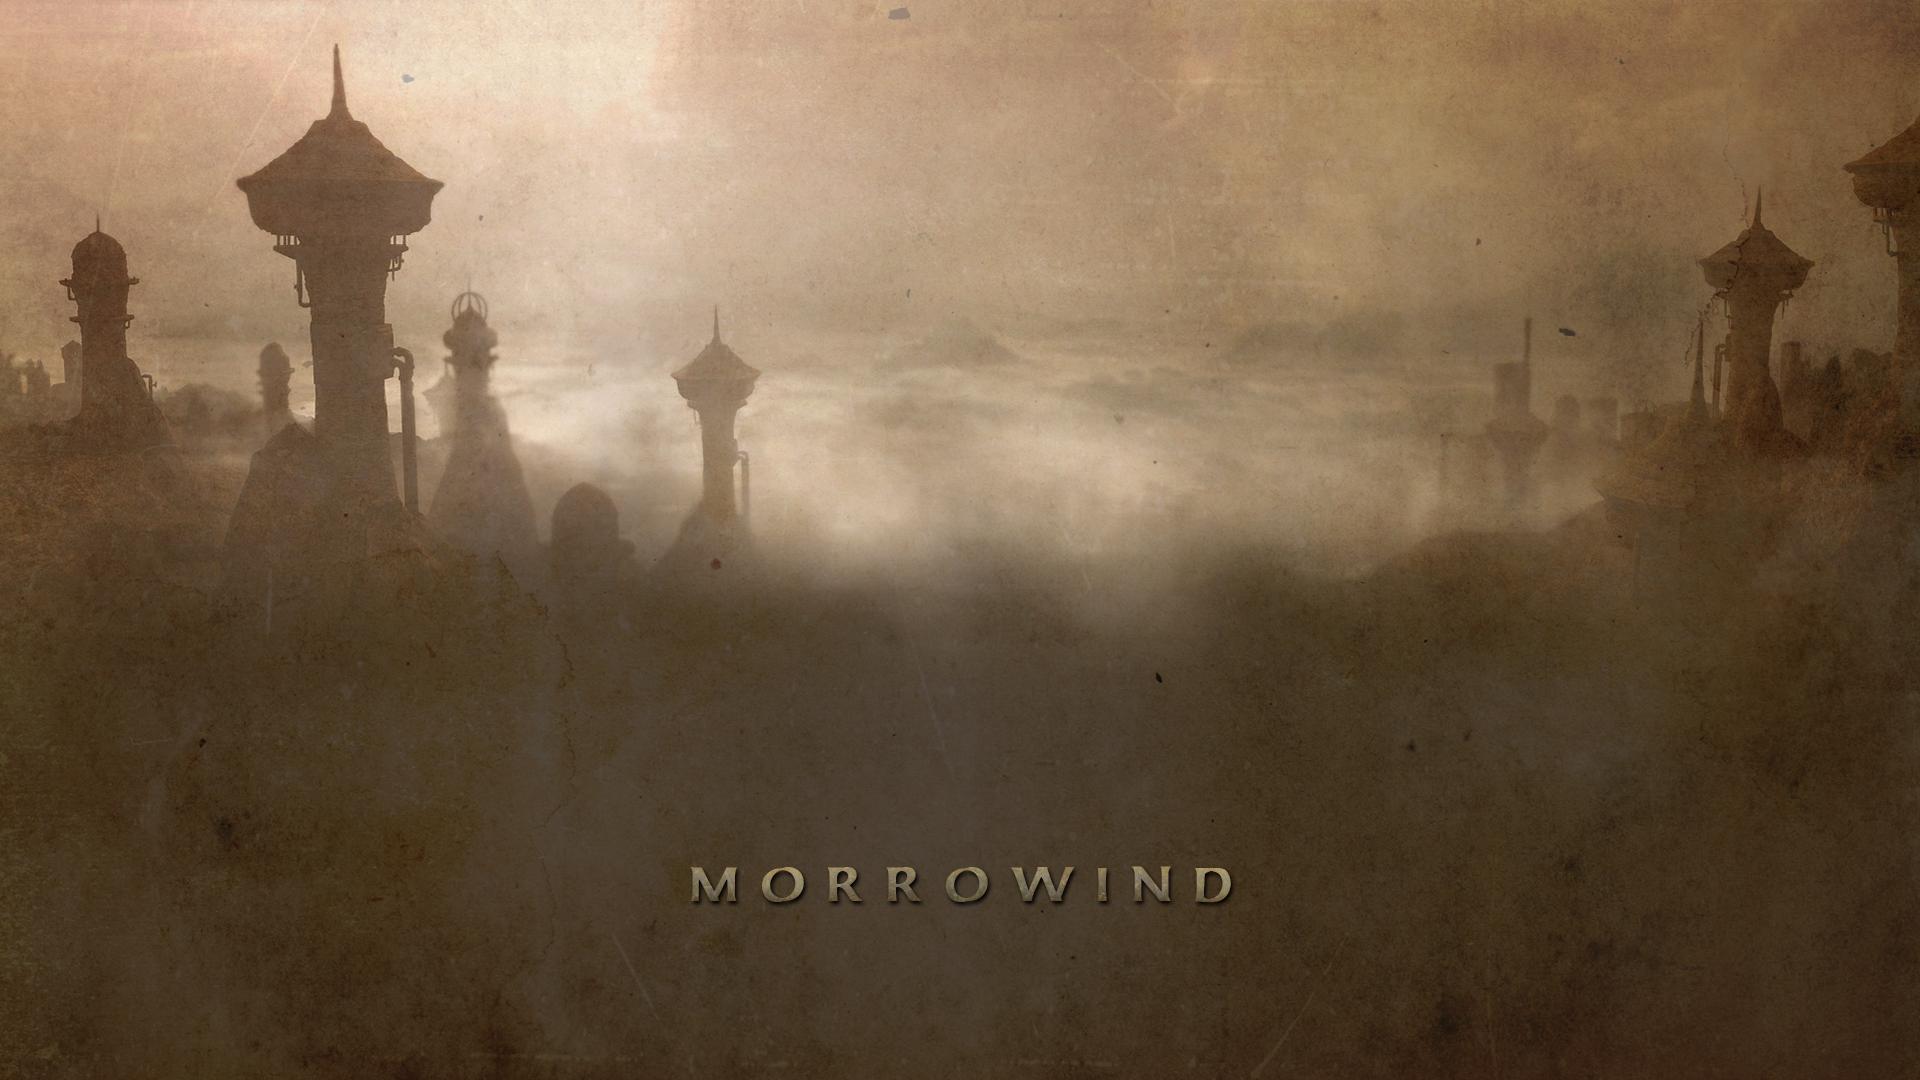 Morrowind wallpaper by b0b0linho on deviantart - Morrowind wallpaper ...